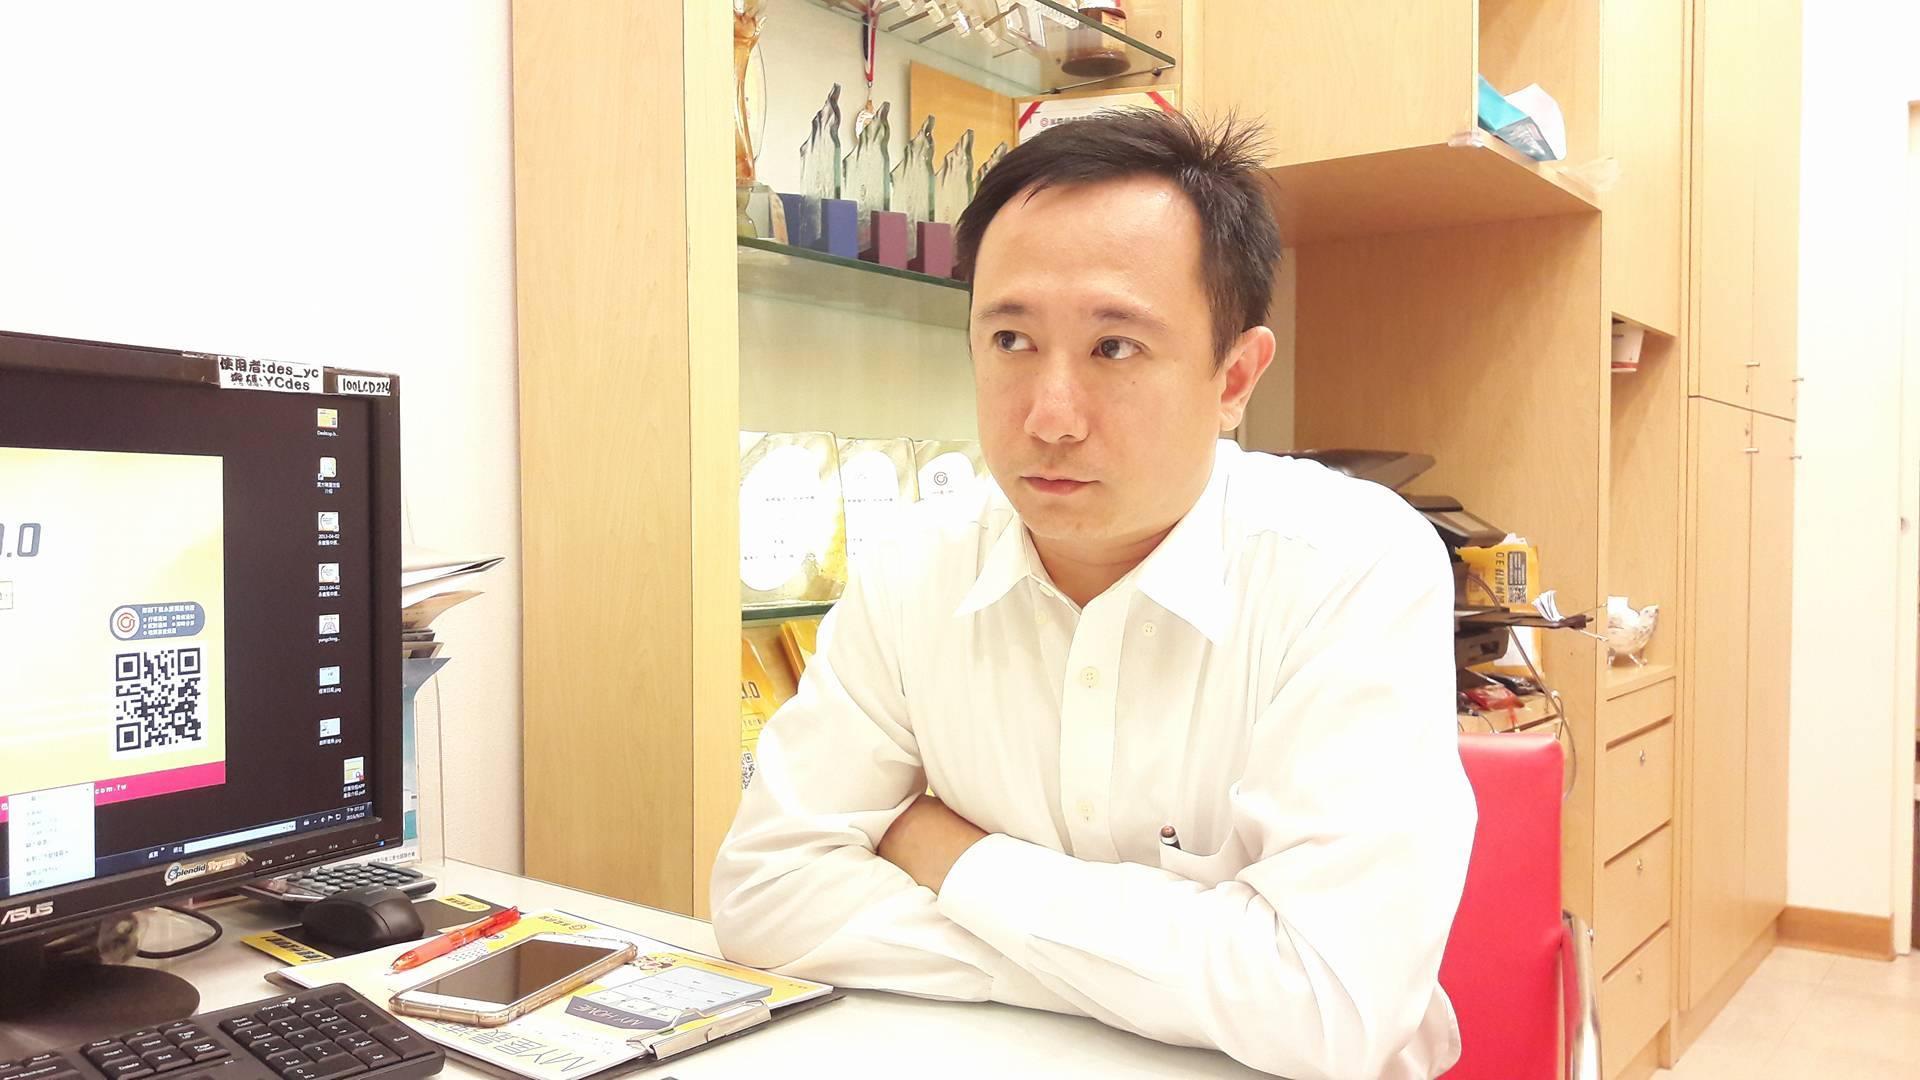 圖說:攝影/程沛茜 永慶房屋北投捷運直營店經理潘麒安認為租屋的人增加,可能是在觀望房價趨勢。